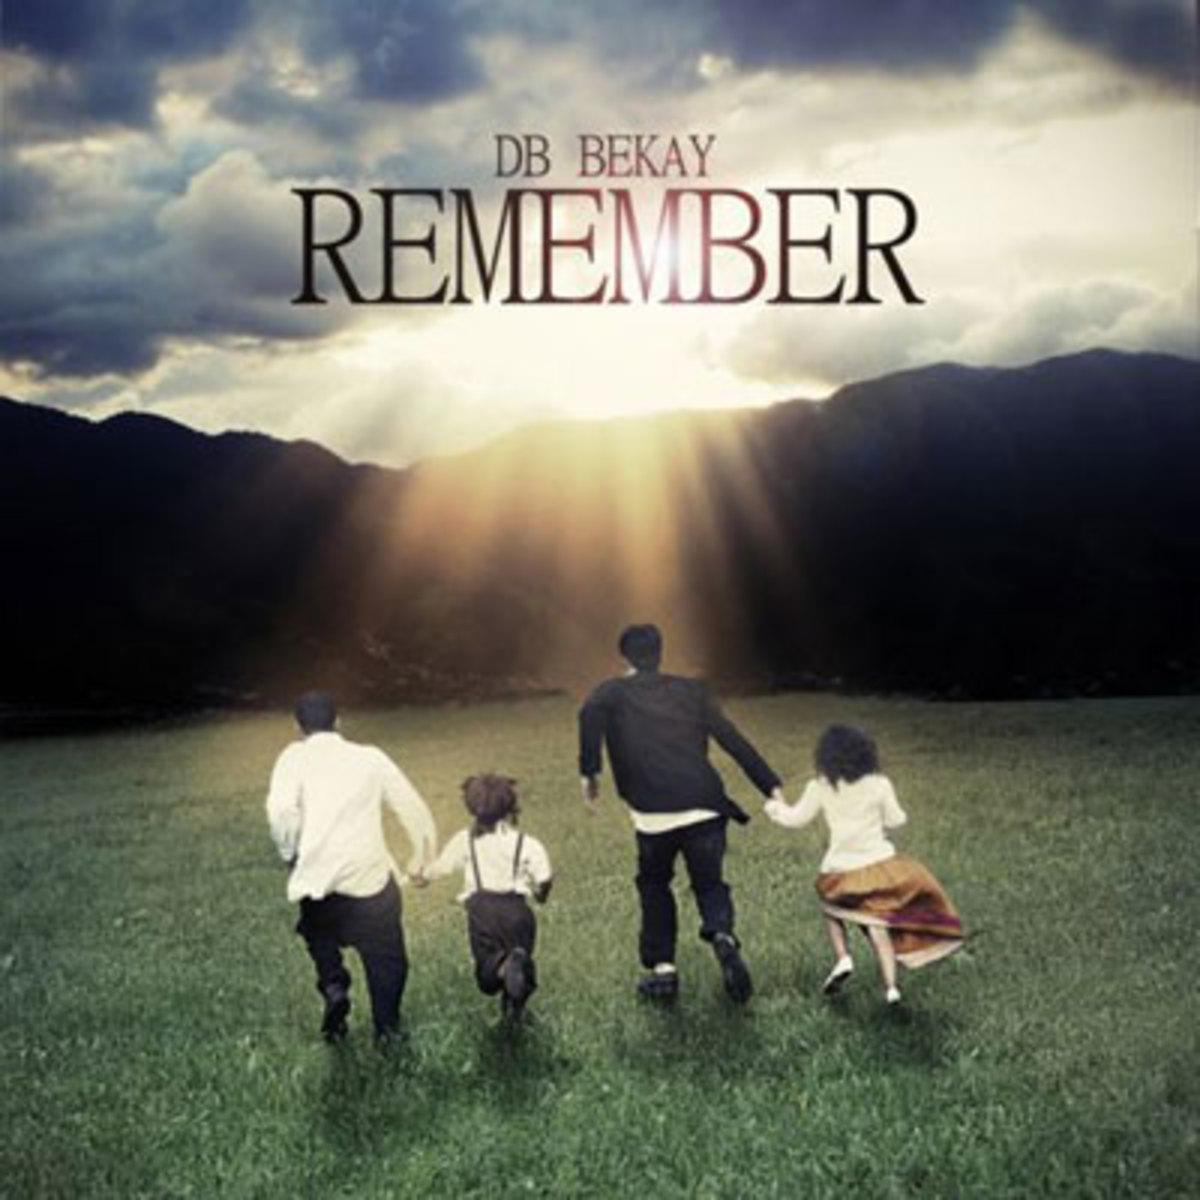 bekay-remember.jpg